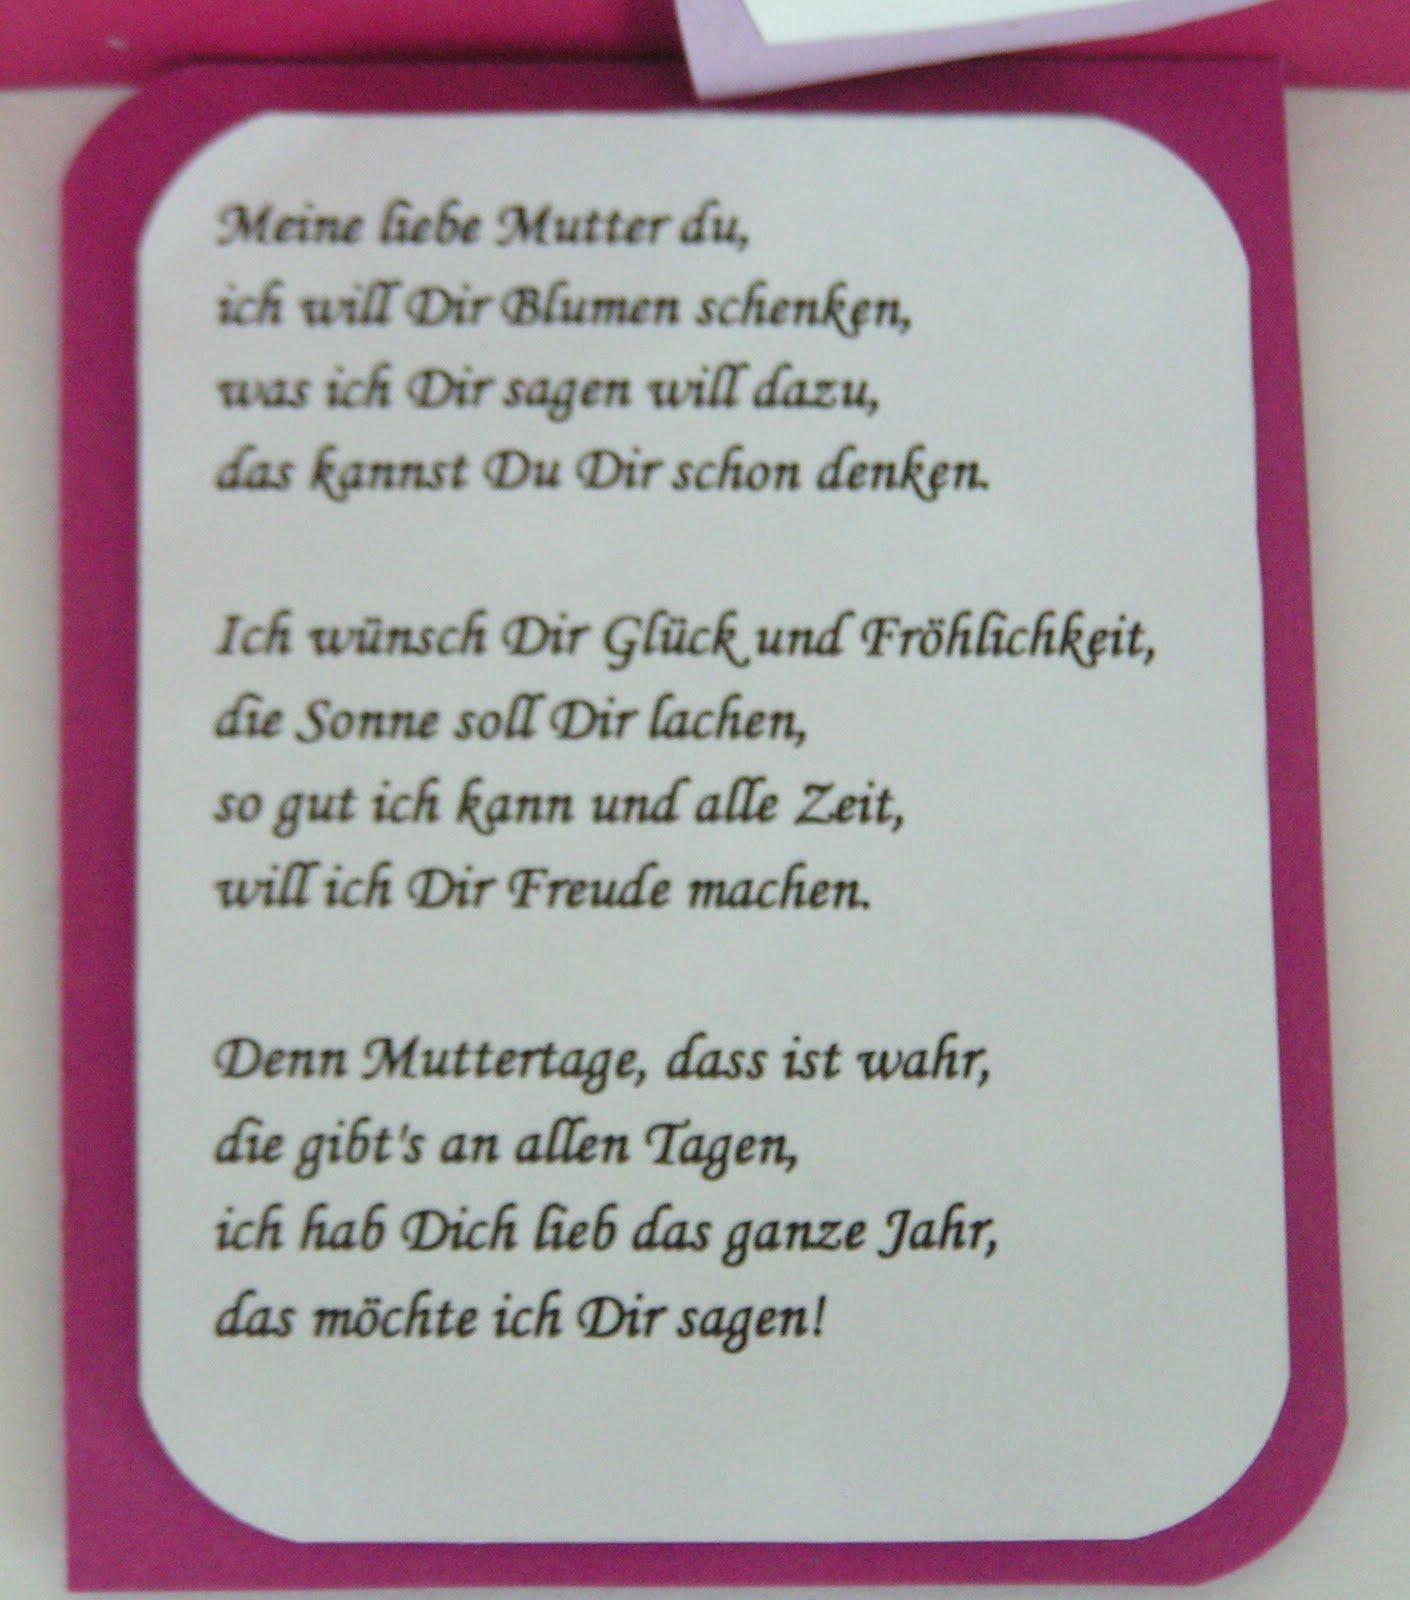 Muttertag für die beste aller mütter